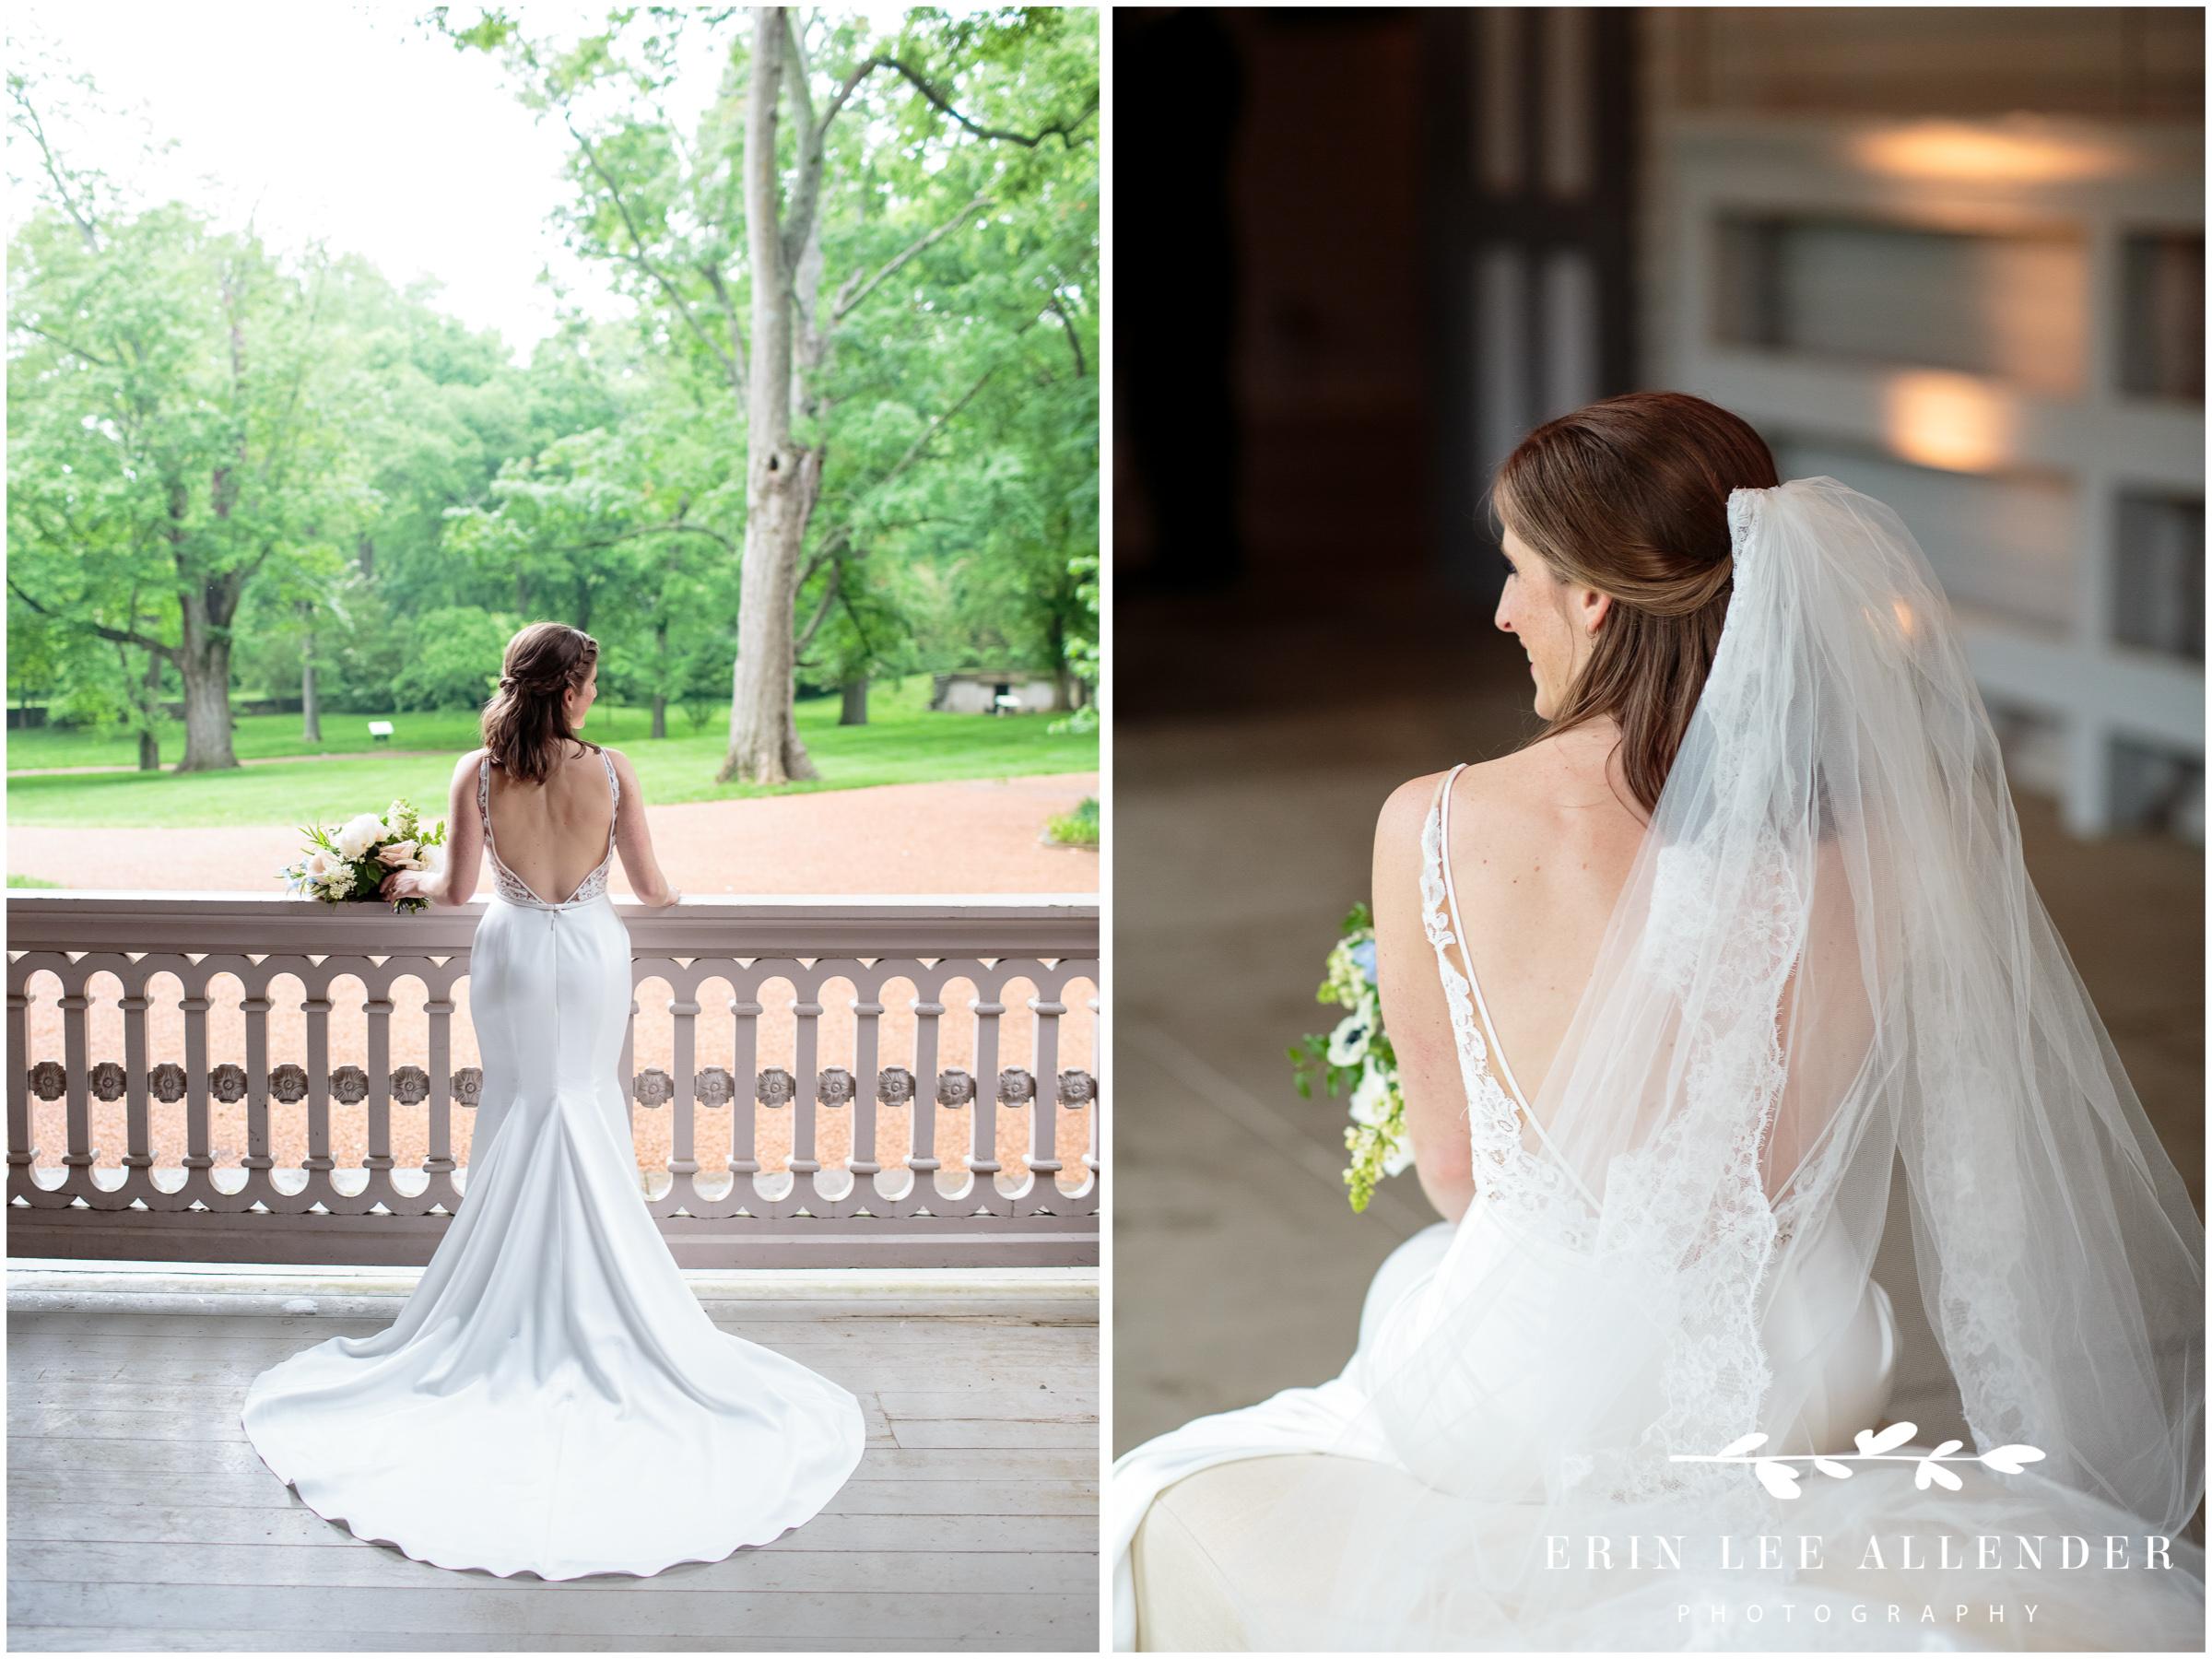 bride-back-of-dress